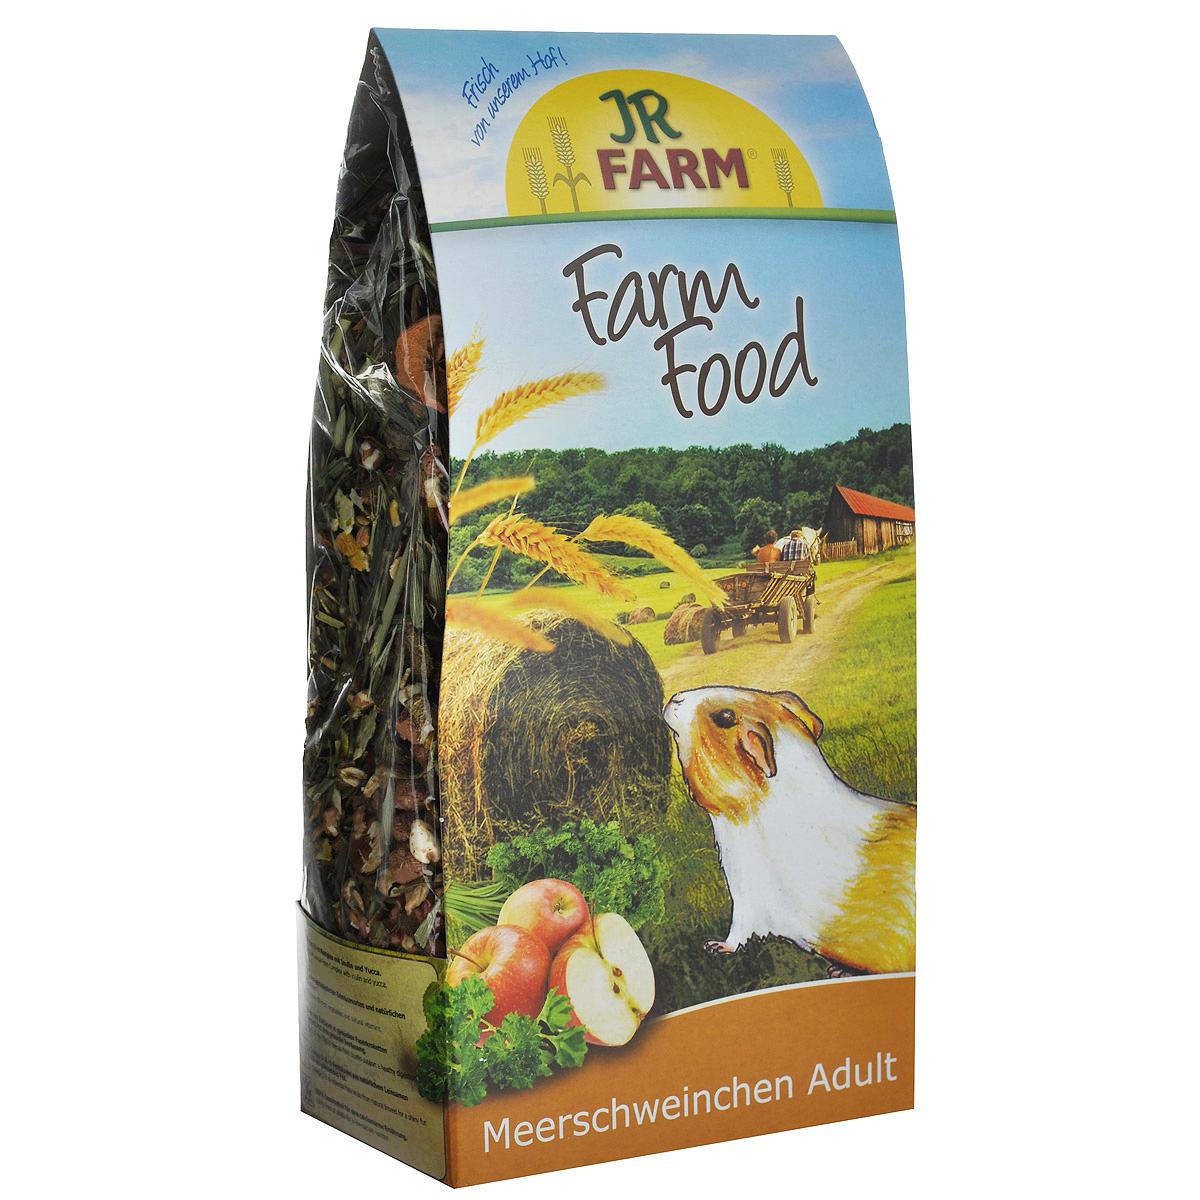 Корм для морских свинок JR Farm Farm Food Adult, 750 г36904Корм для морских свинок JR Farm Farm Food Adult - это уникально подобранная и сбалансированная полнорационная смесь с натуральными фруктами. Такая смесь обеспечит вашу морскую свинку натуральной (как в естественной среде) диетой. Фарм комплекс поддерживает микрофлору кишечника с помощью пребиотика инулина (из корней пастернака), а экстракт юкки предотвращает развитие запаха от мочи. Корм JR Farm Farm Food Adult для взрослых животных содержит все питательные вещества, витамины и минералы, необходимые для полноценной жизни взрослого животного. Данная смесь - превосходный выбор для ежедневного сбалансированного и полноценного питания! В этот корм специально так же был добавлен зеленый овес и яблочные чипсы - любимое лакомство морских свинок. Рекомендации по кормлению: наполняйте кормушку, когда она уже пуста. Пожалуйста, обеспечивайте животное таким количеством корма, которое он съедает в течение 24 часов. Полнорационный корм для морских свинок. ...